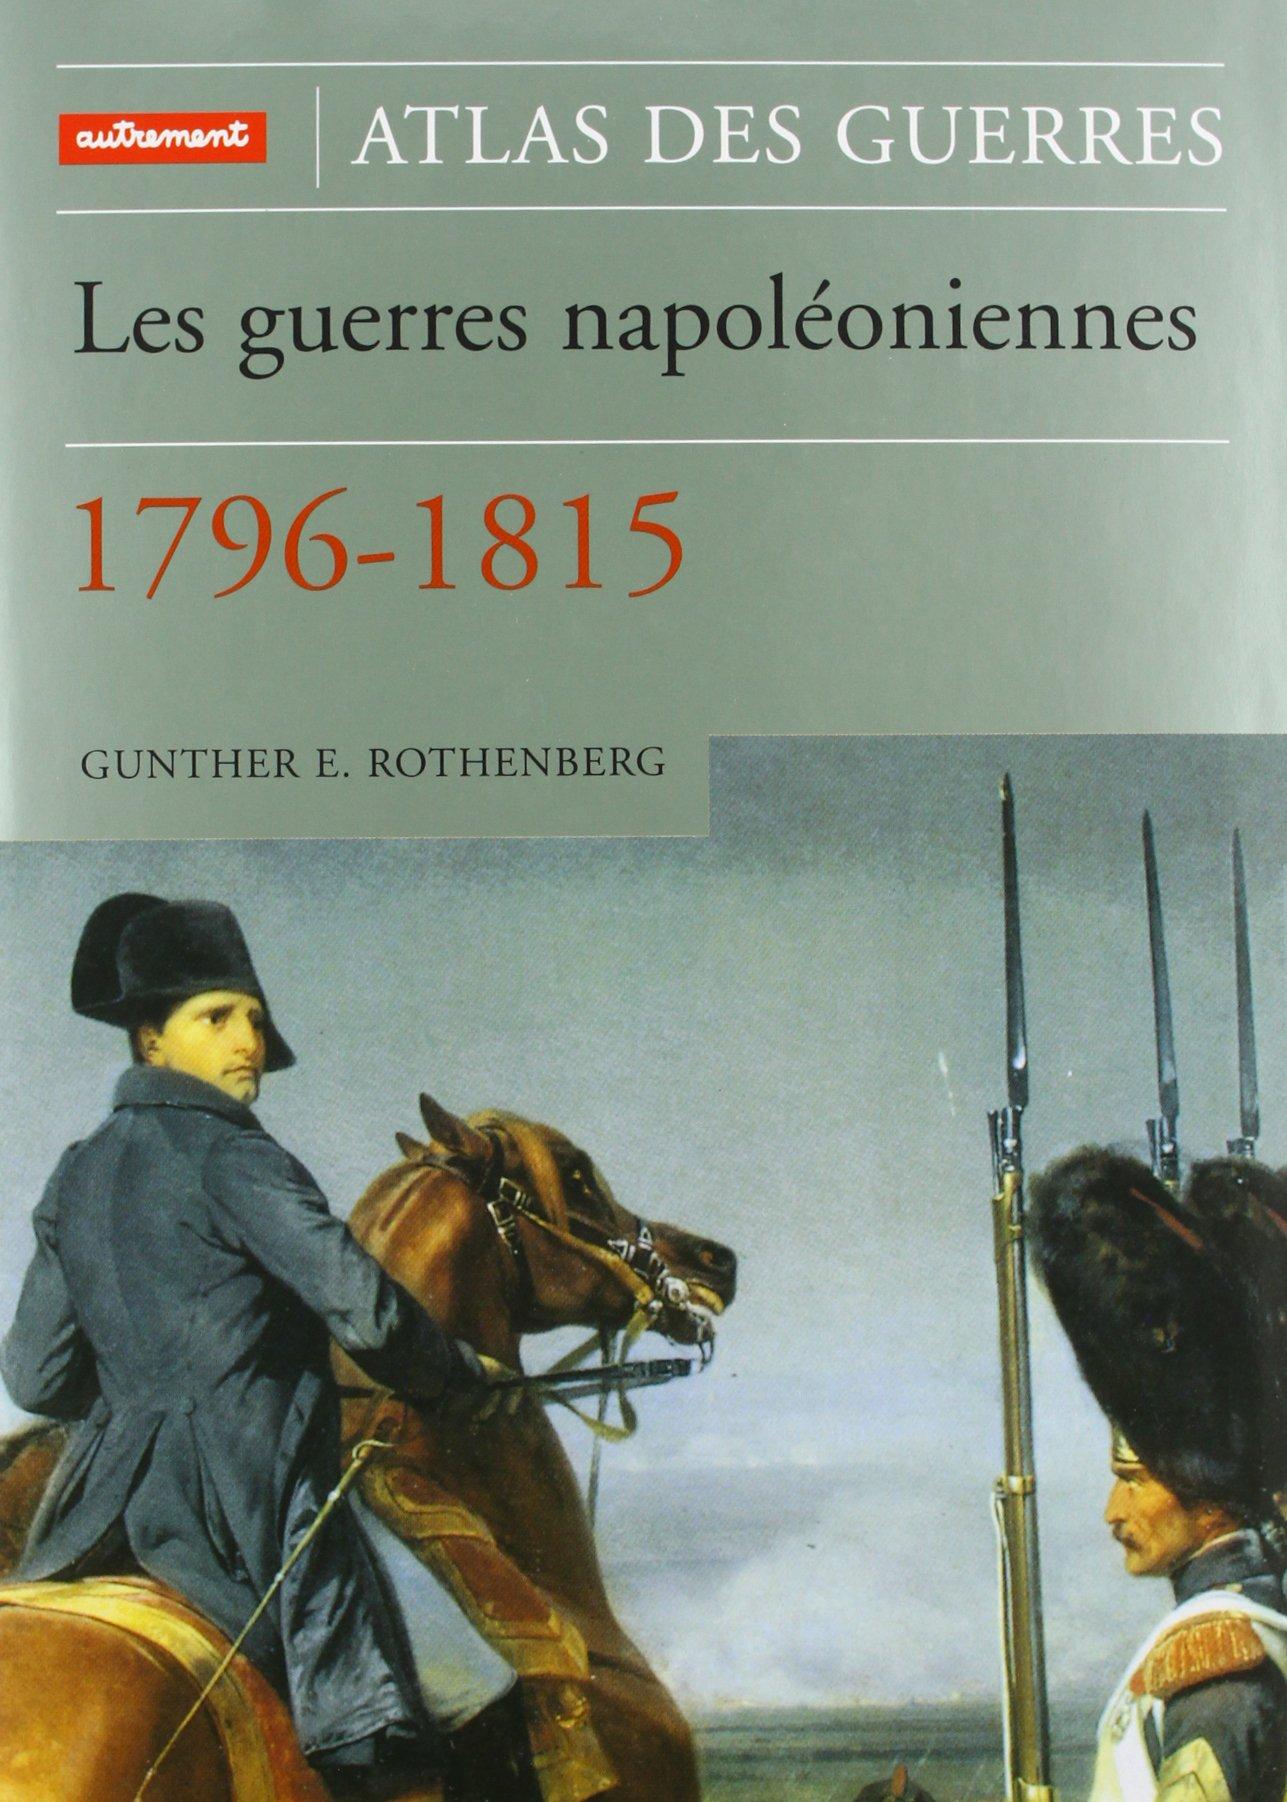 Les Guerres napoléoniennes : 1796-1815 Relié – 7 septembre 2000 Gunther Rothenberg Laurent Henninger Editions Autrement 2746700050